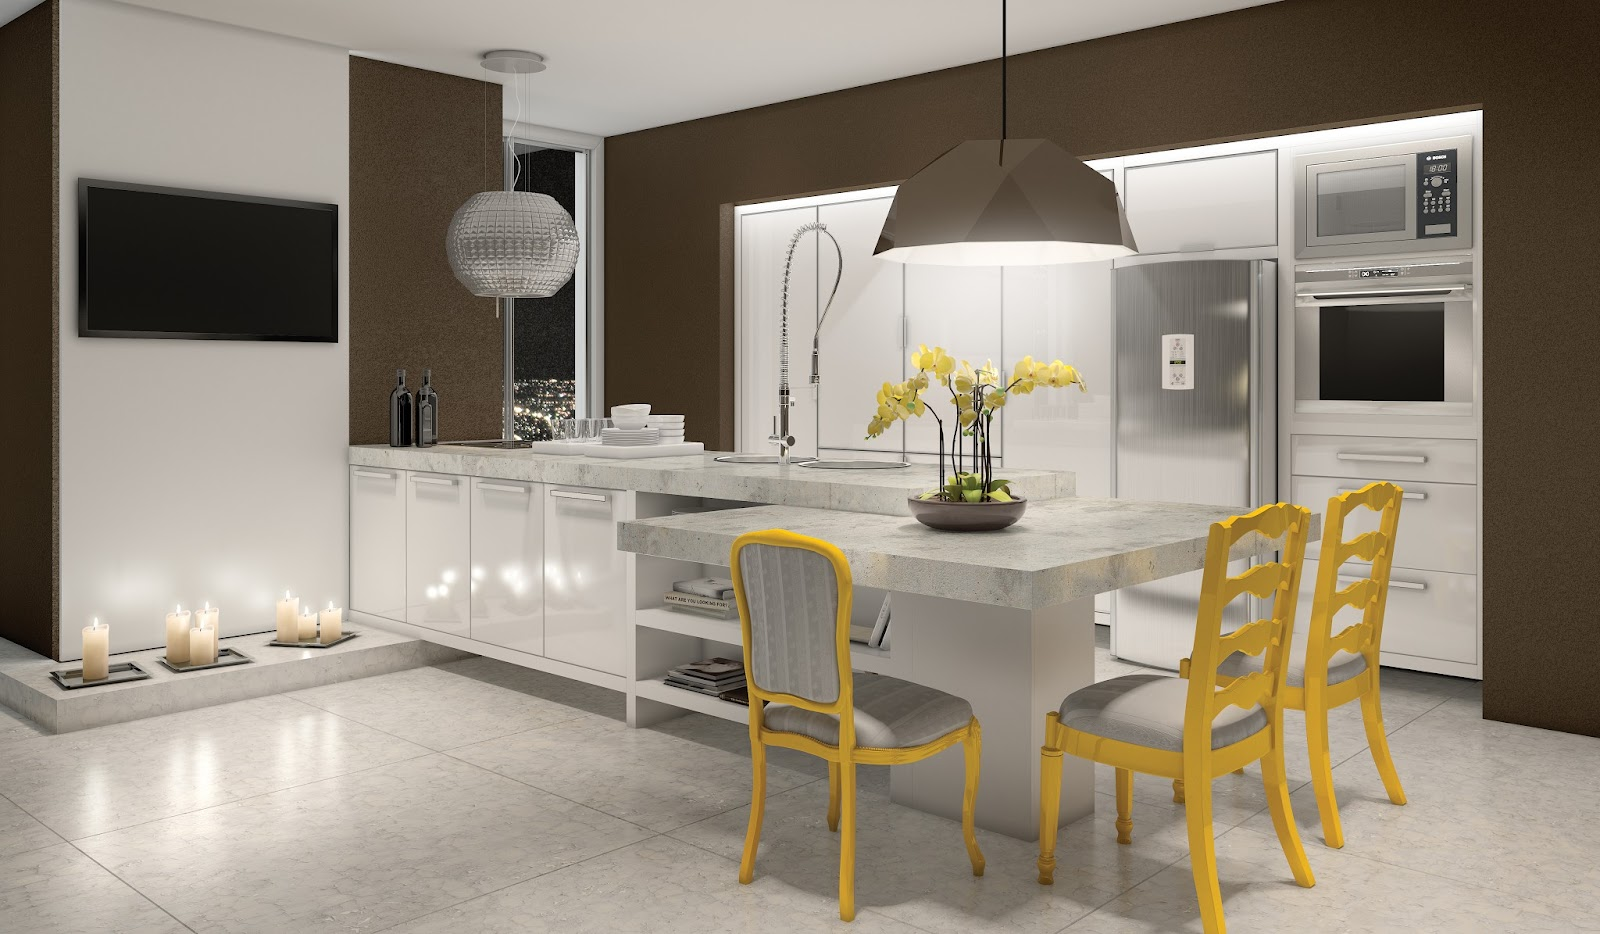 modelo de cozinha planejada